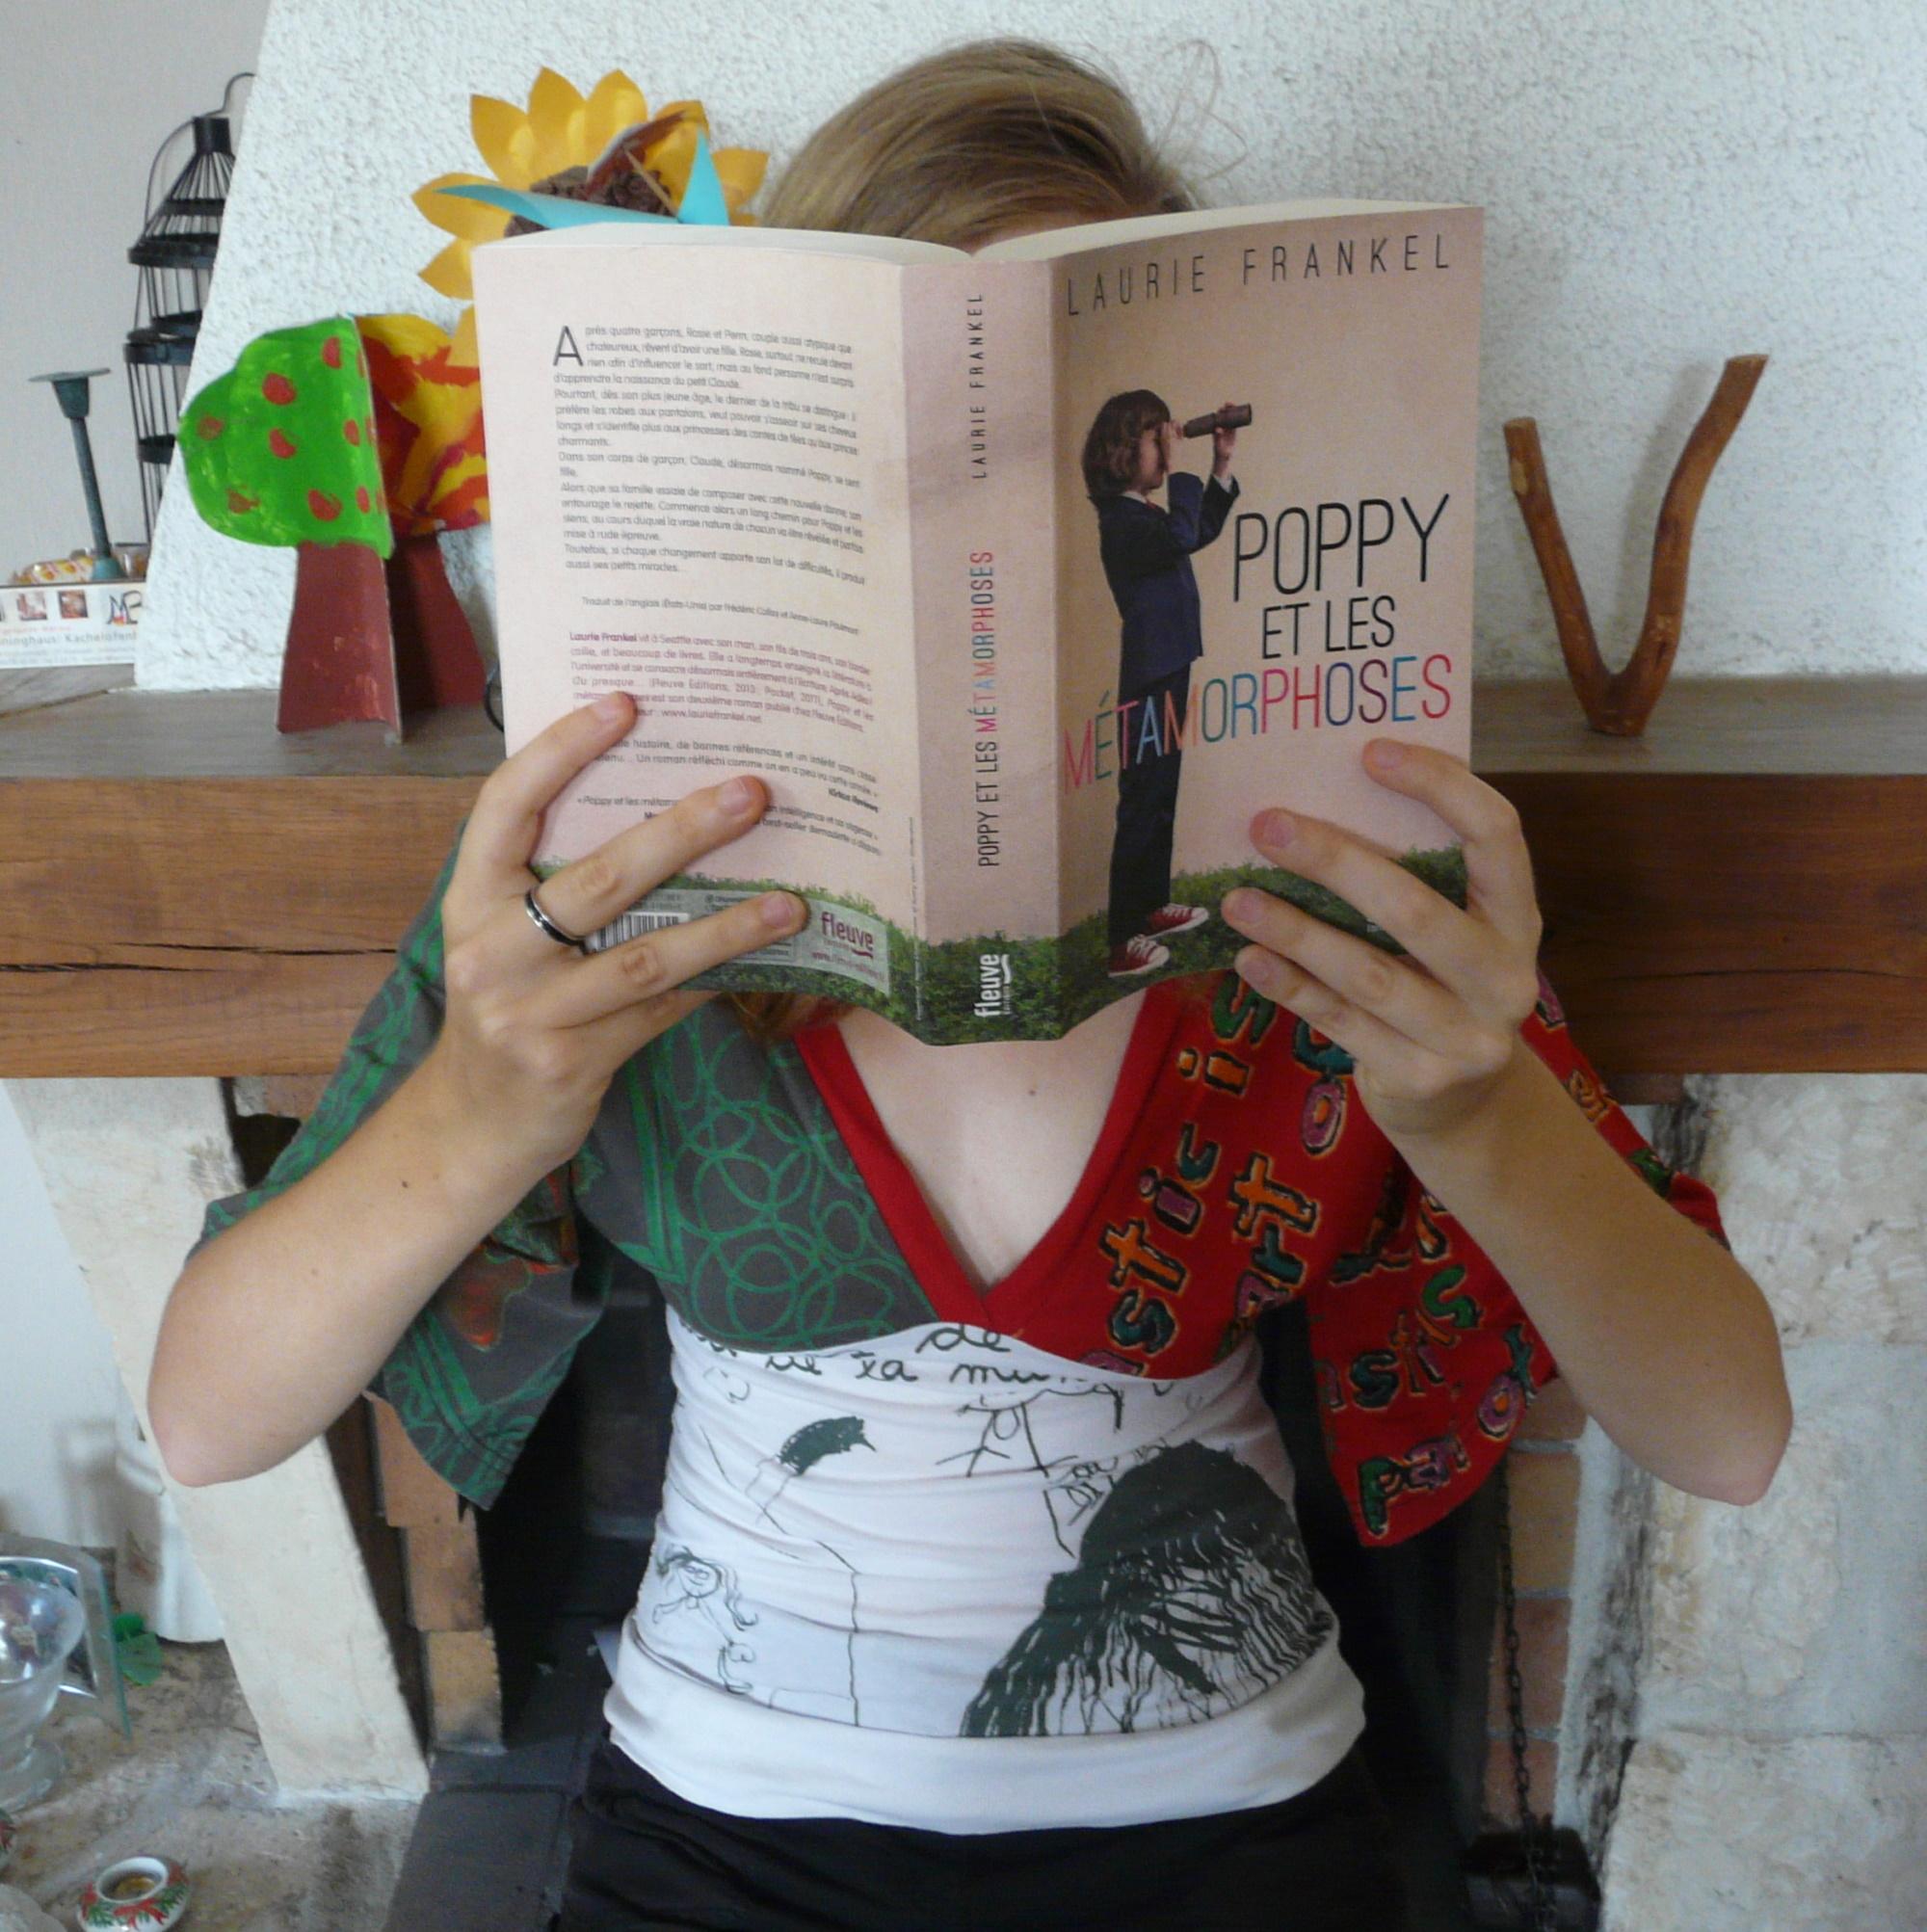 femme lisant Poppy et les métamorphoses devant une cheminée